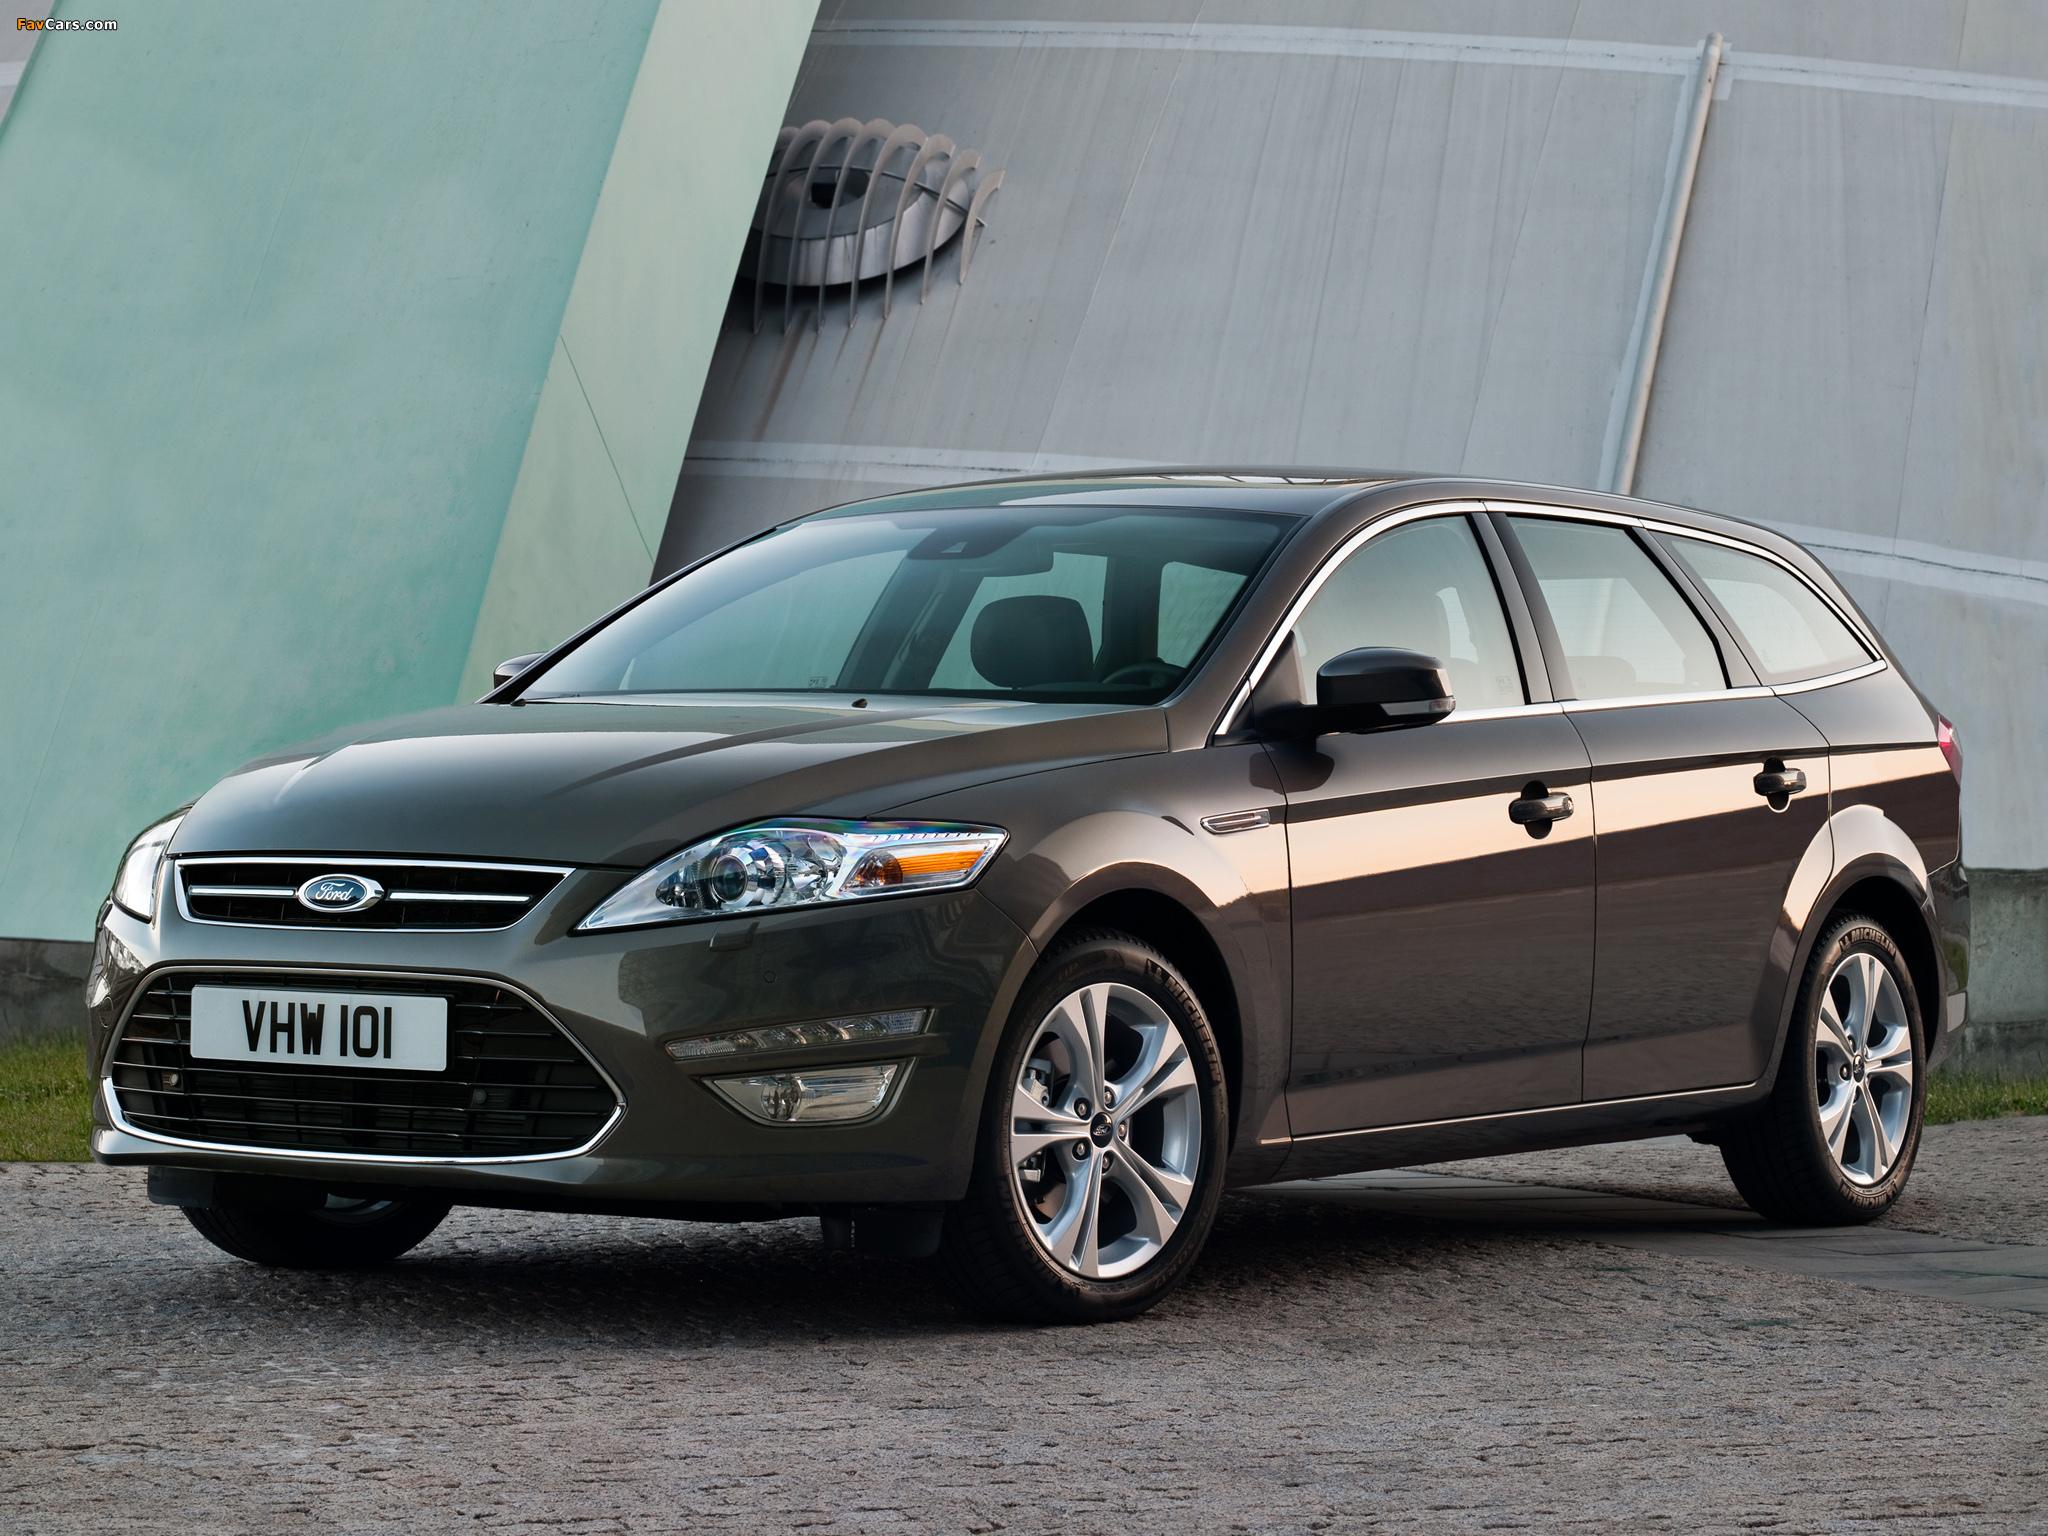 Ford Mondeo (Форд Мондео) - комплектации и цены в России ...